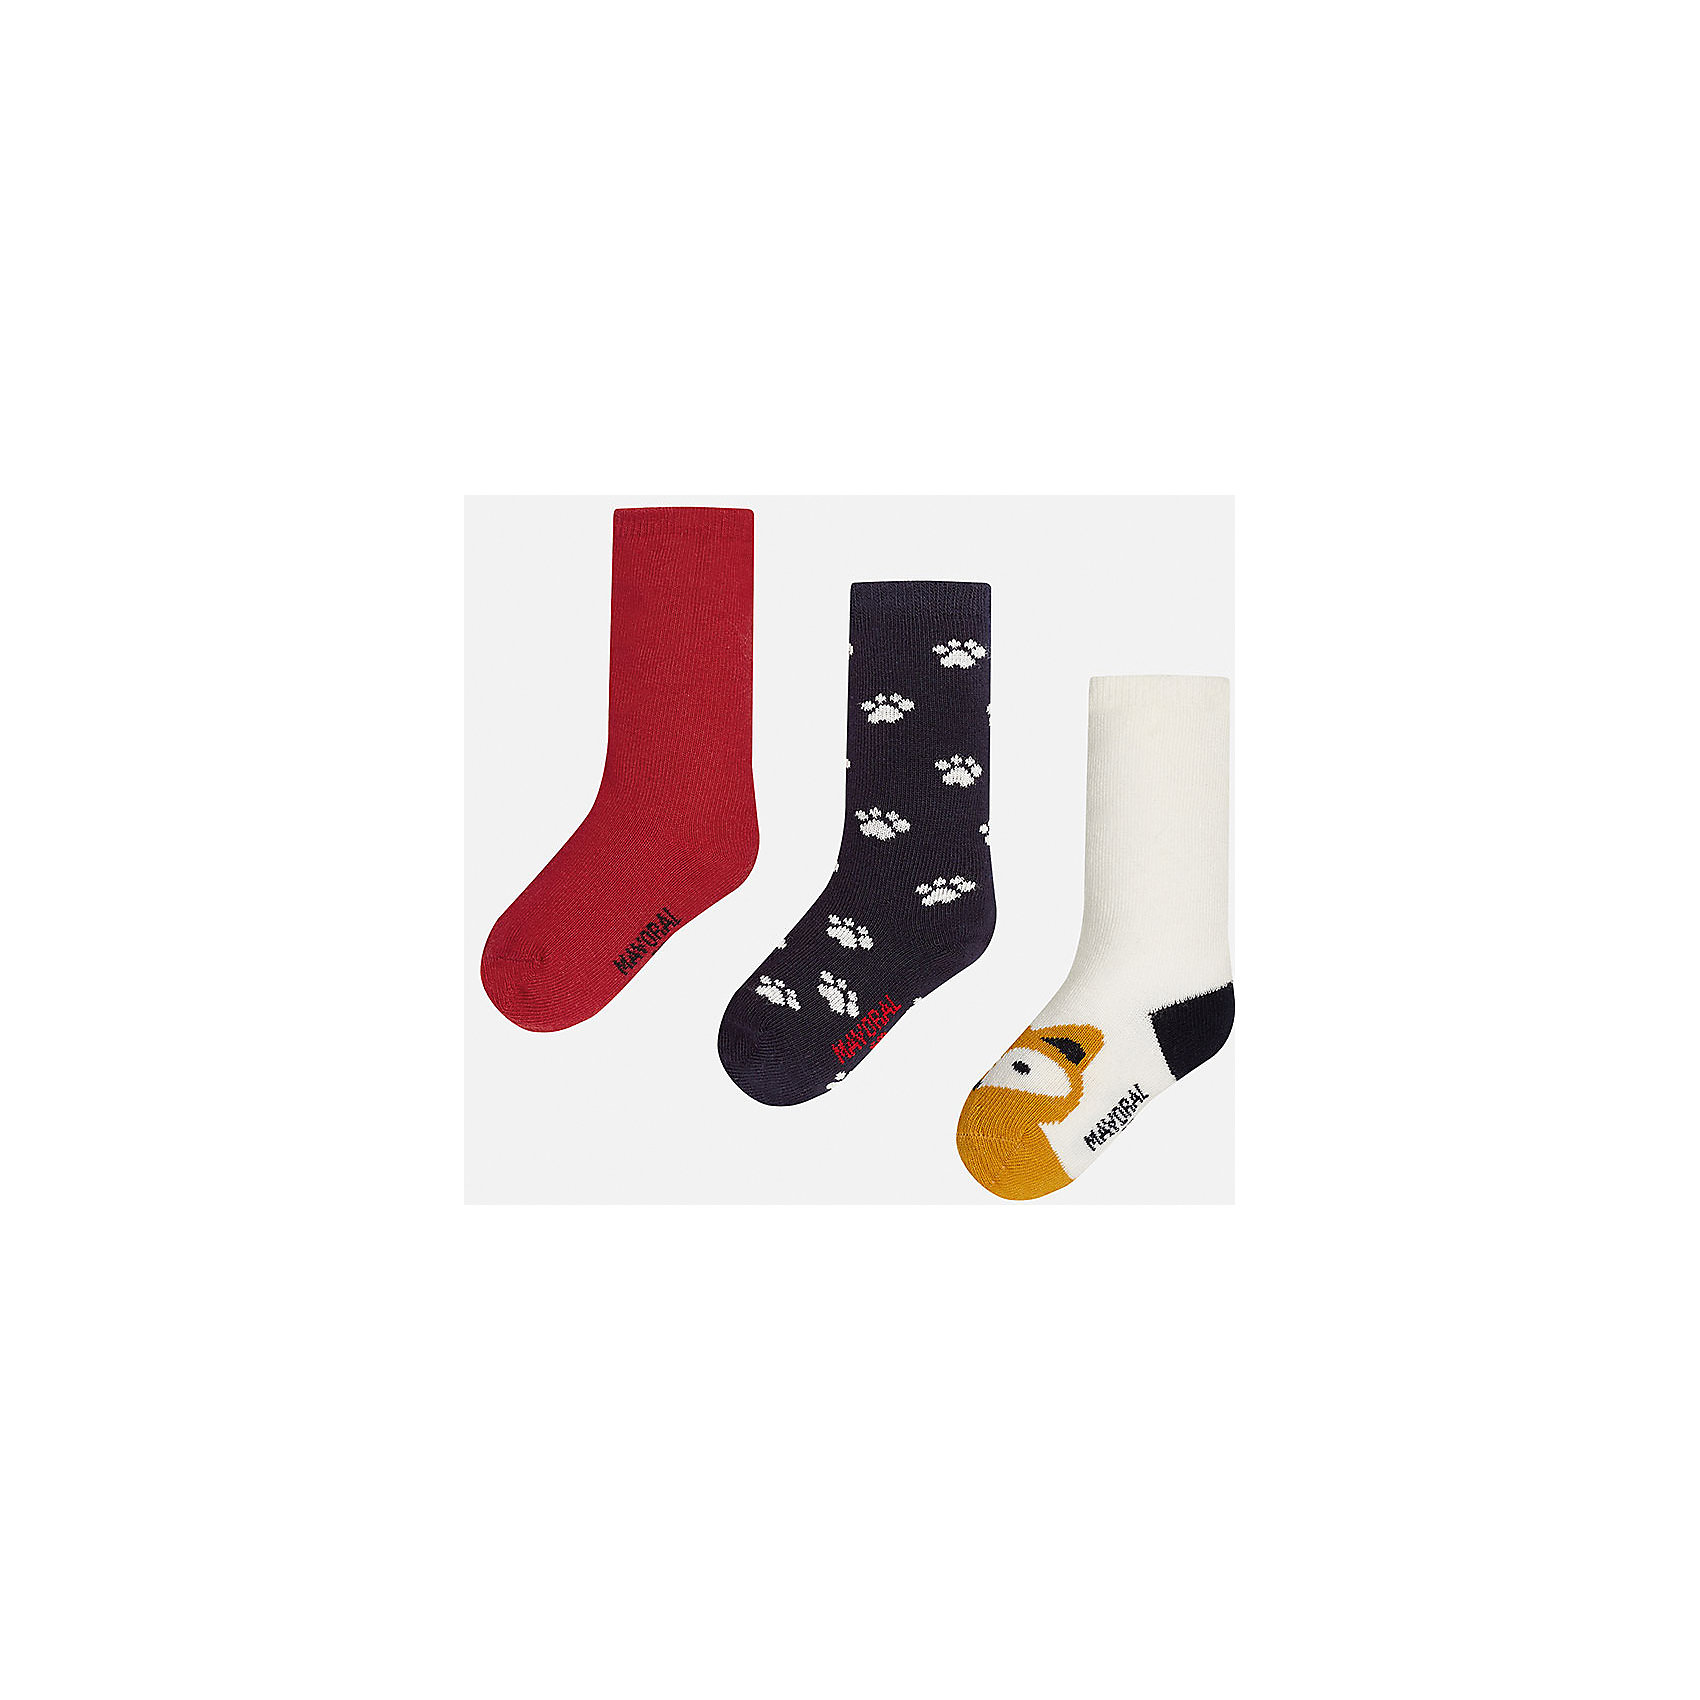 Носки для мальчика, 3 парыНоски<br>Набор из 3 пар носков для мальчиков от известного испанского бренда Mayoral. В комплекте носки разной расцветки: красный, черный с рисунком белые лапки, белый с черной пяткой и оранжевым носком с рисунком в виде зверюшки. Носки сделаны из специальных дышащих материалов, чтобы ноги ребенка не потели.<br>Дополнительная информация:<br>-разная расцветка<br>-состав: 72% хлопок, 25% полиамид, 3% эластан<br>Комплект носков Mayoral можно приобрести в нашем интернет-магазине.<br><br>Ширина мм: 87<br>Глубина мм: 10<br>Высота мм: 105<br>Вес г: 115<br>Цвет: разноцветный<br>Возраст от месяцев: 9<br>Возраст до месяцев: 12<br>Пол: Мужской<br>Возраст: Детский<br>Размер: 1,2<br>SKU: 4820047